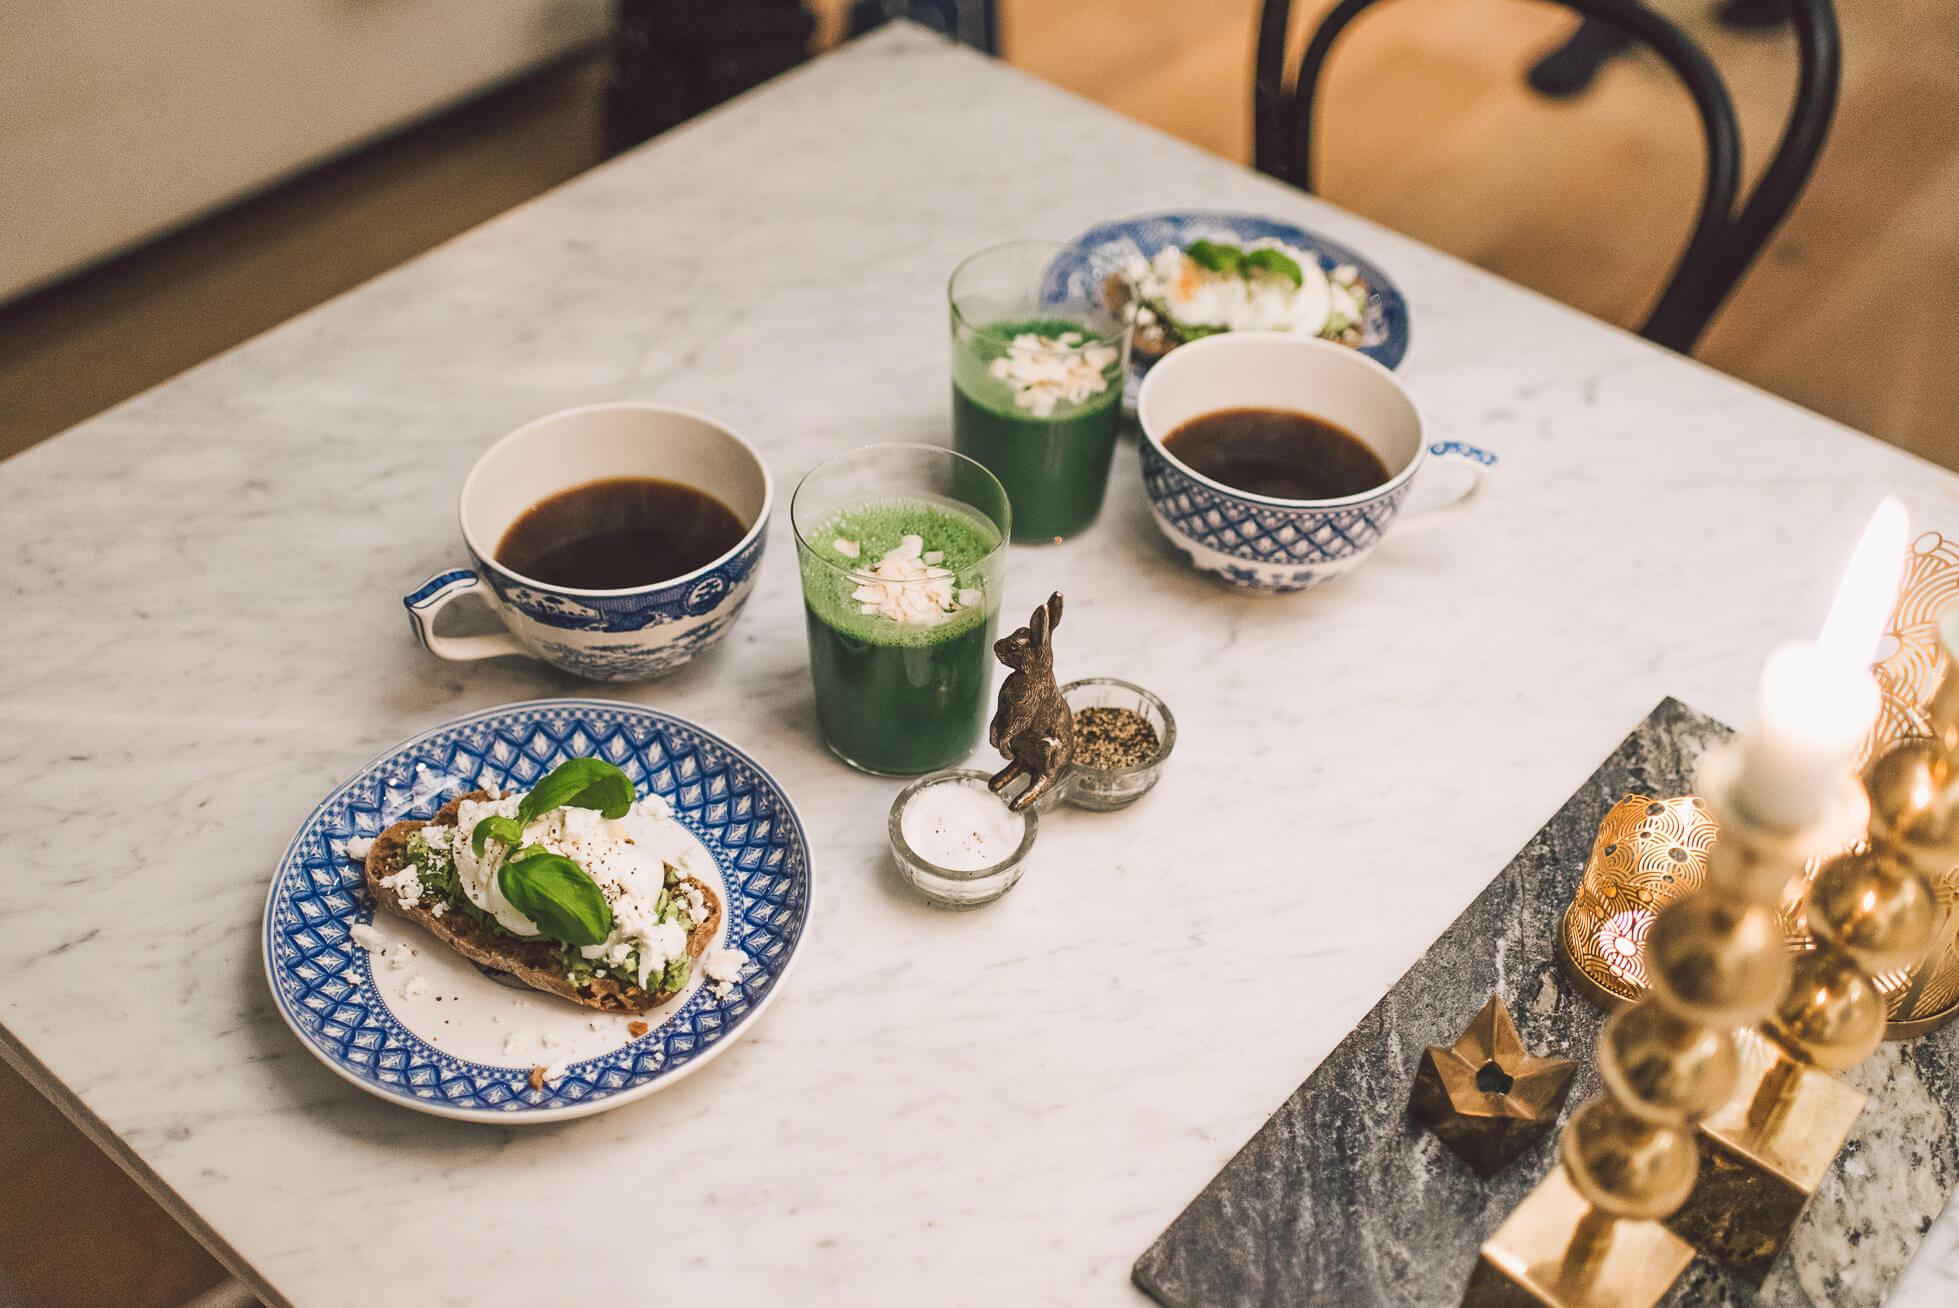 janni-deler-green-breakfastDSC_4359